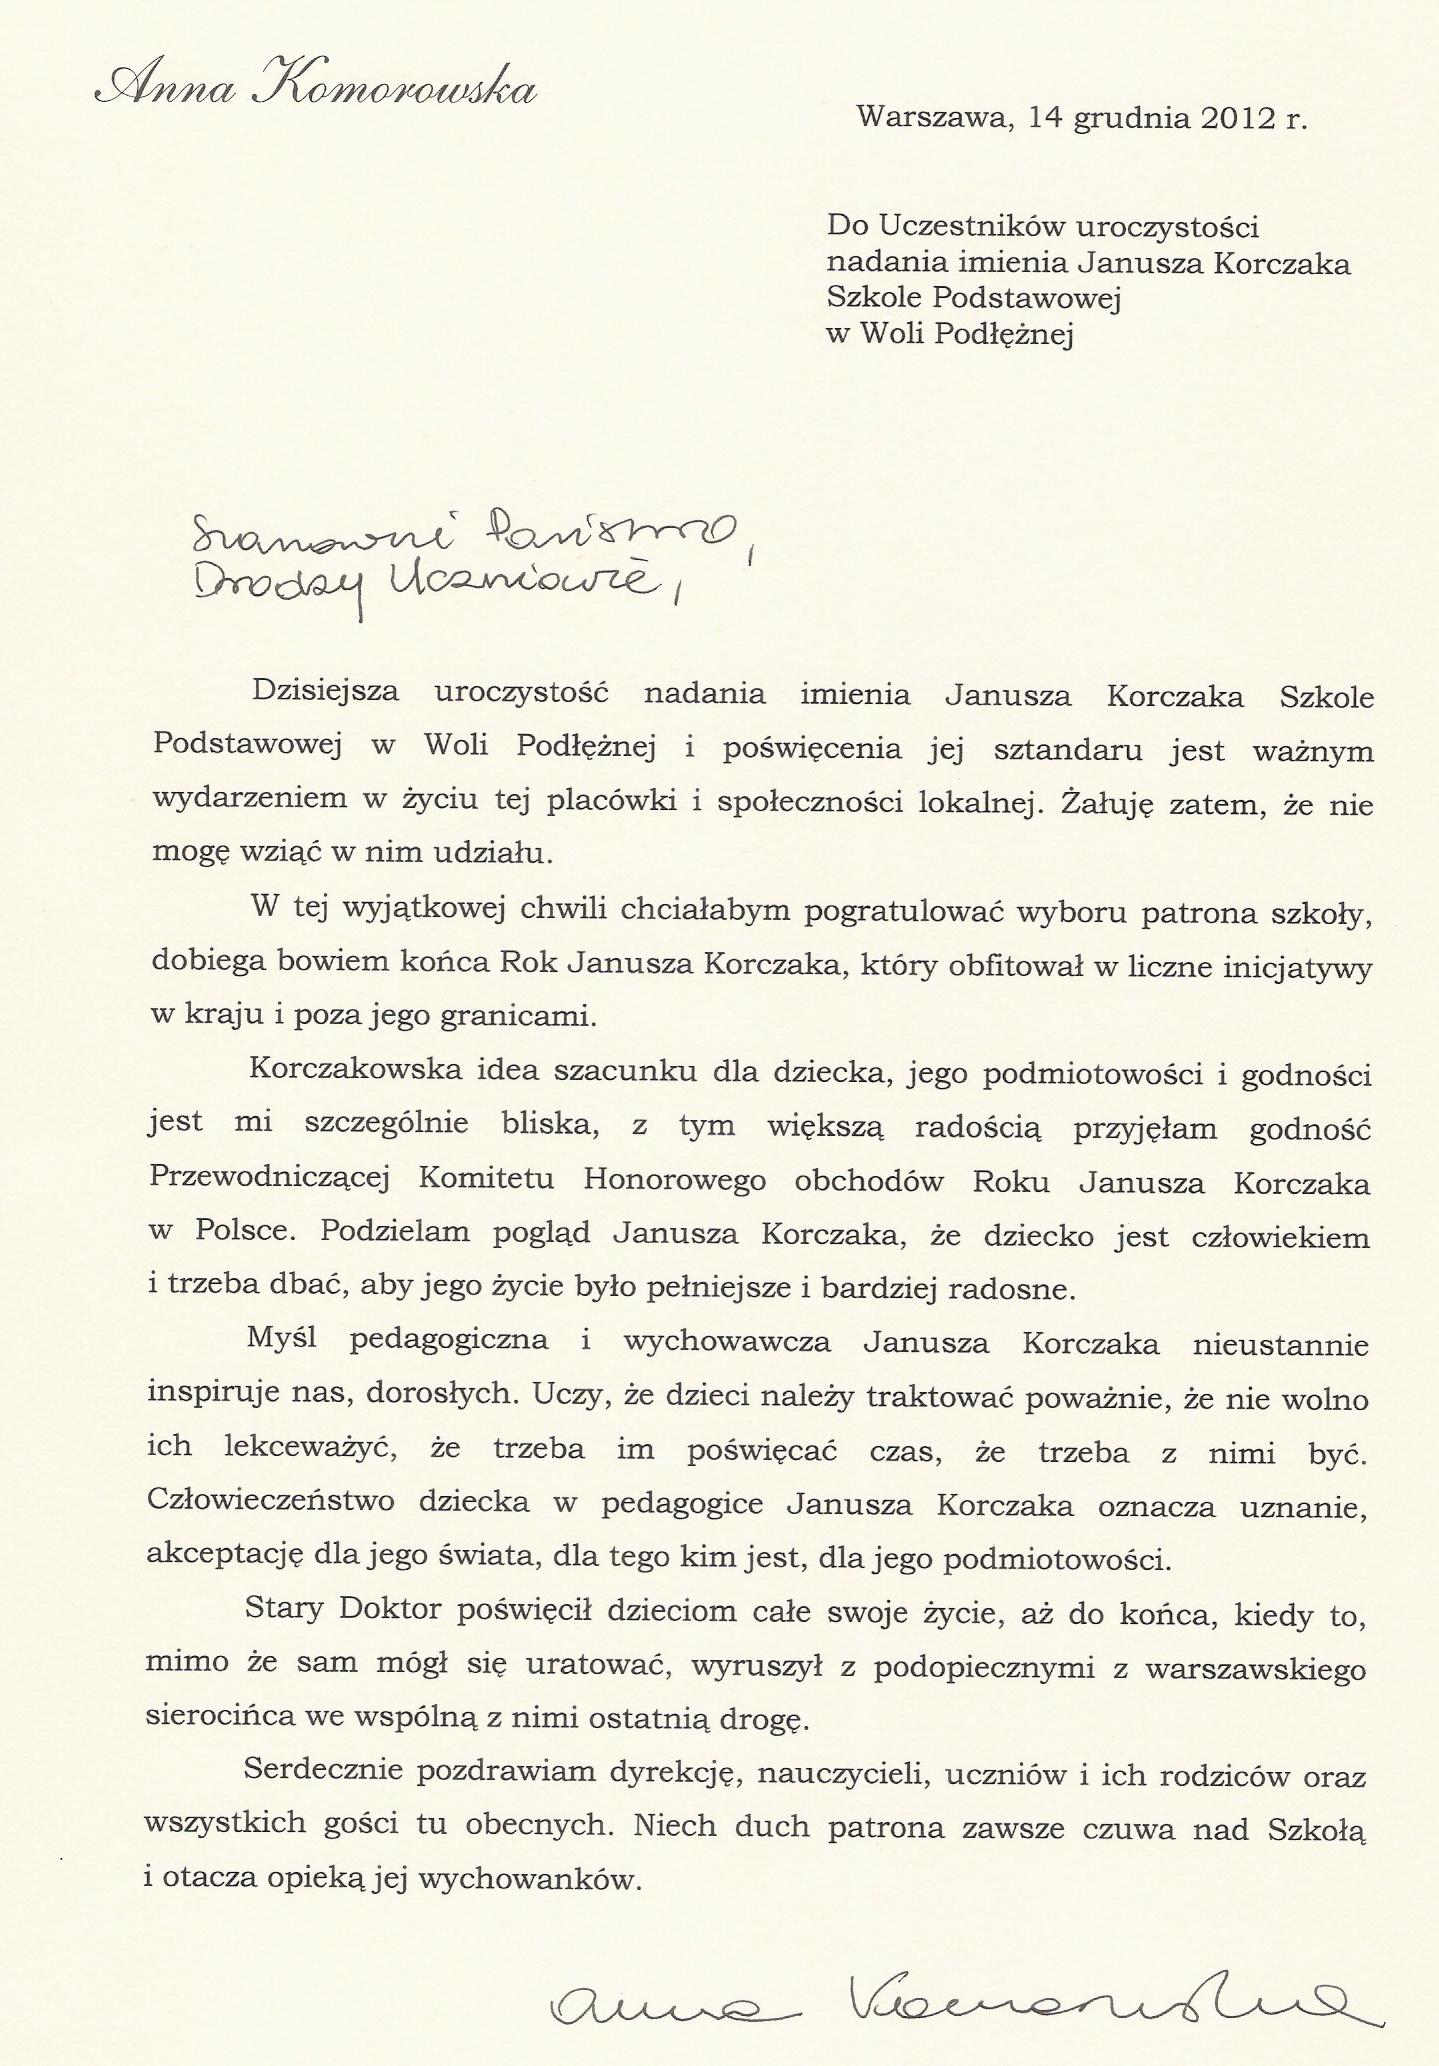 A. Komorowska